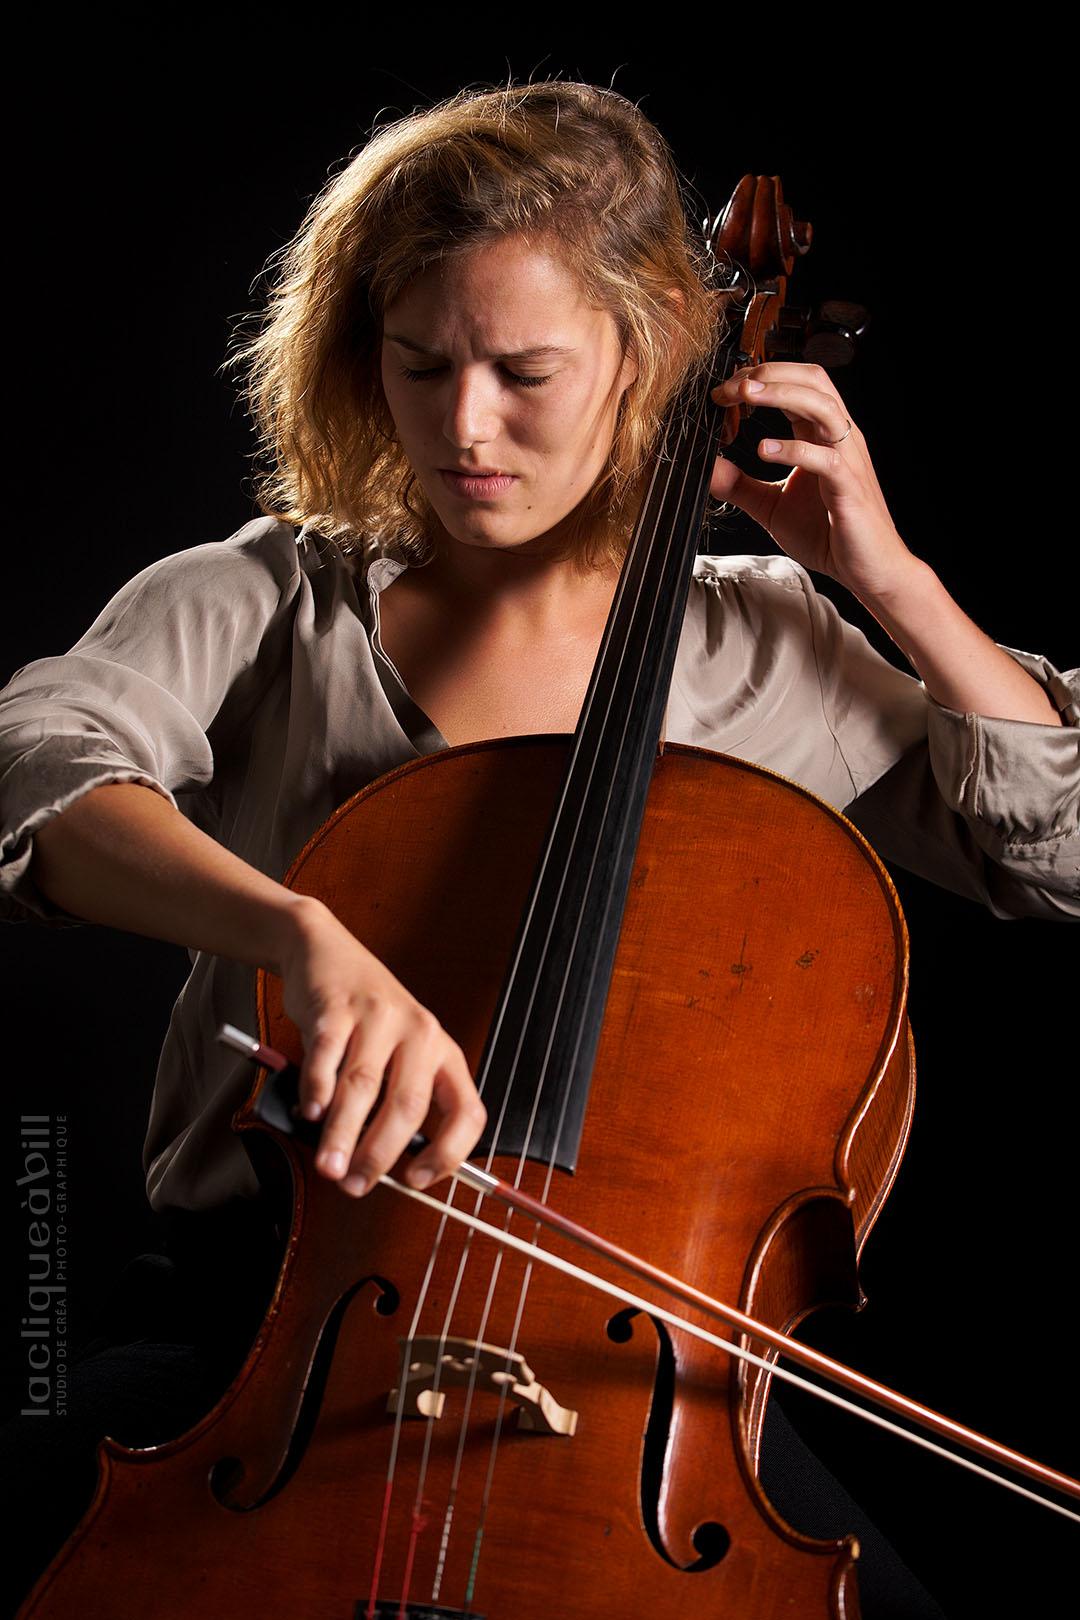 Elisa Huteau au violoncelle